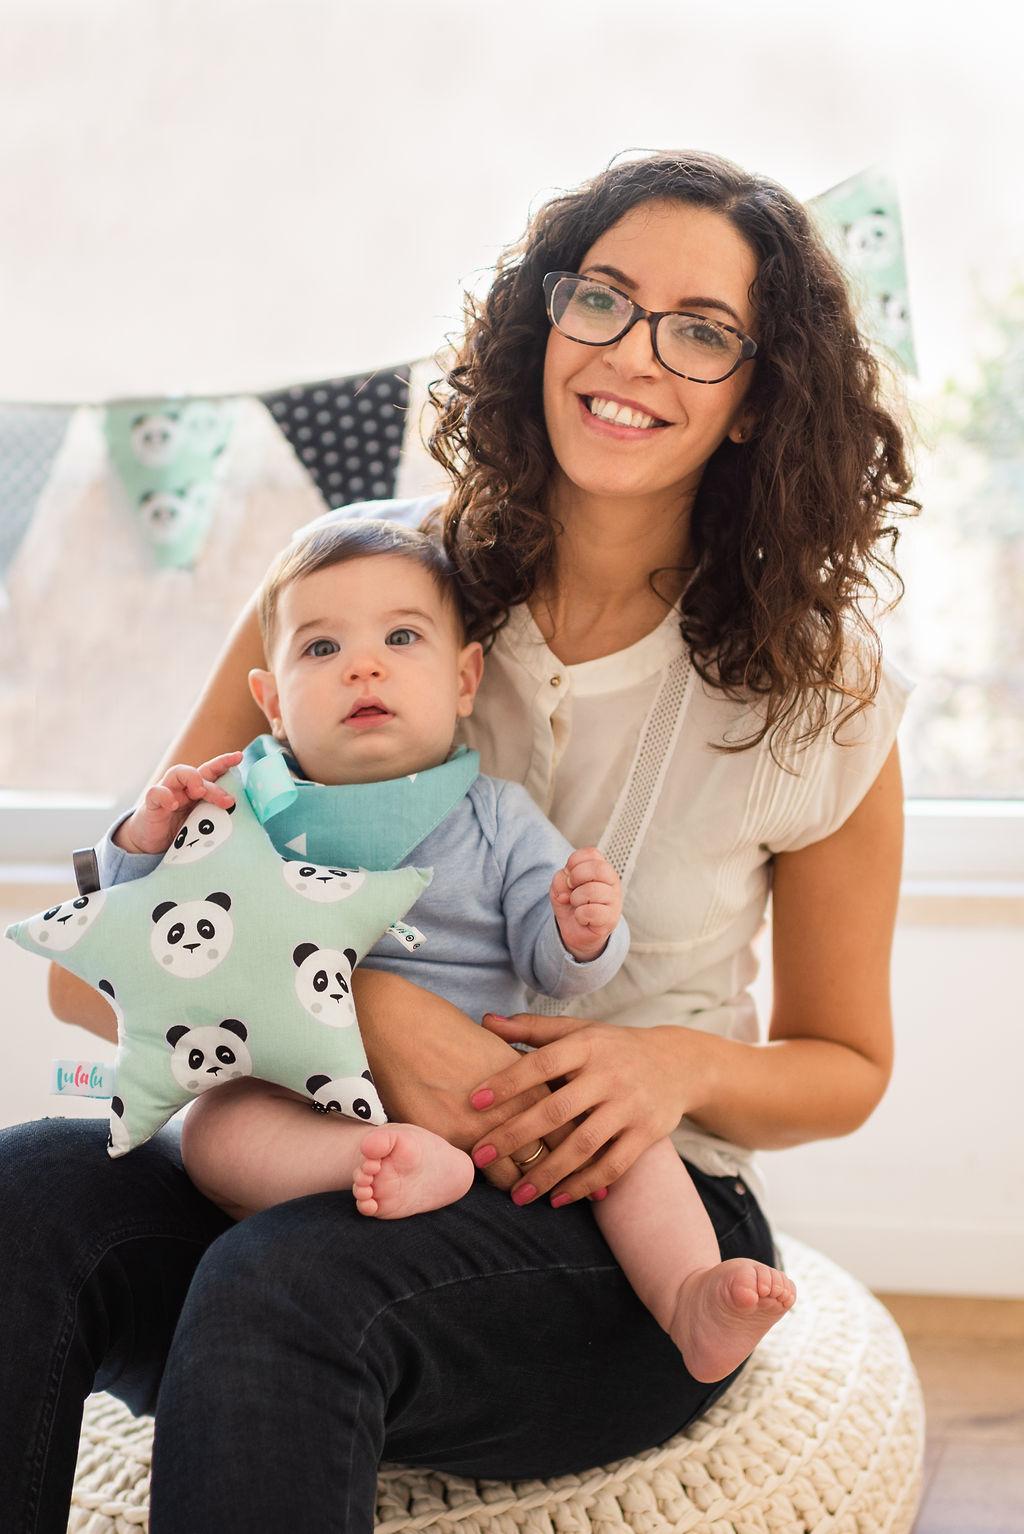 איילת בן גור מתנה לתינוק